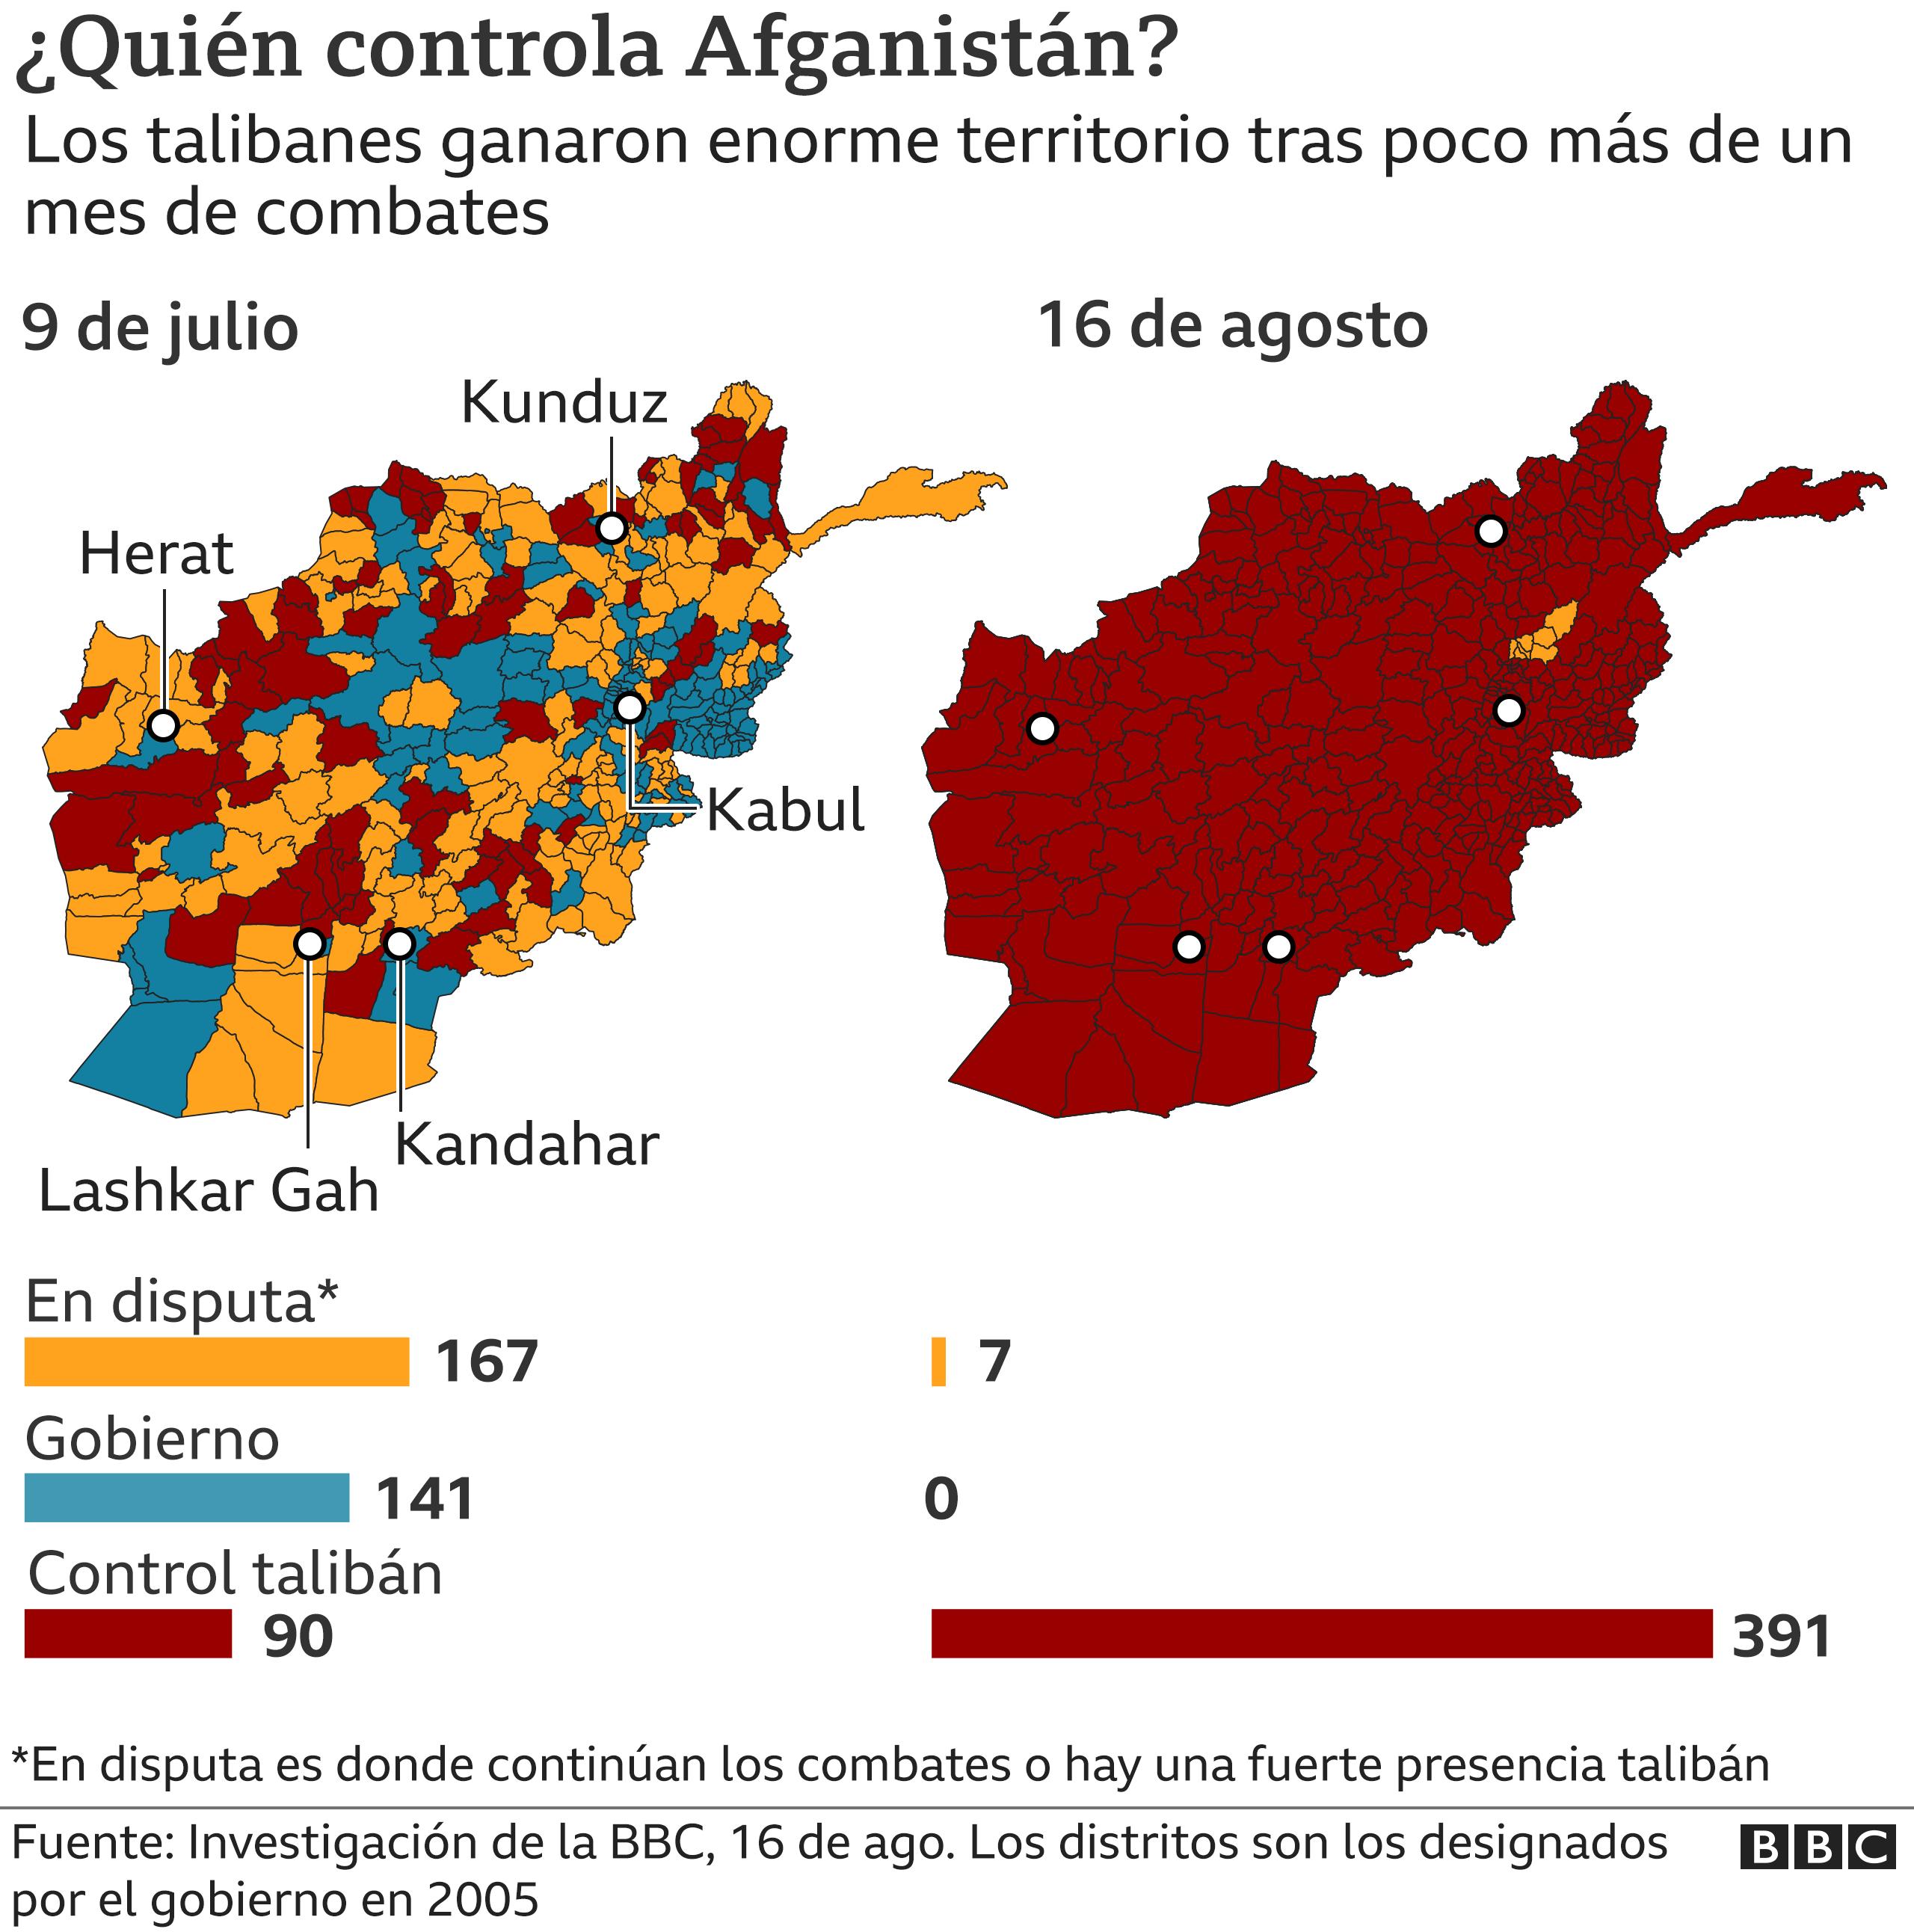 Mapa que muestra el control del Talibán en Afganistán